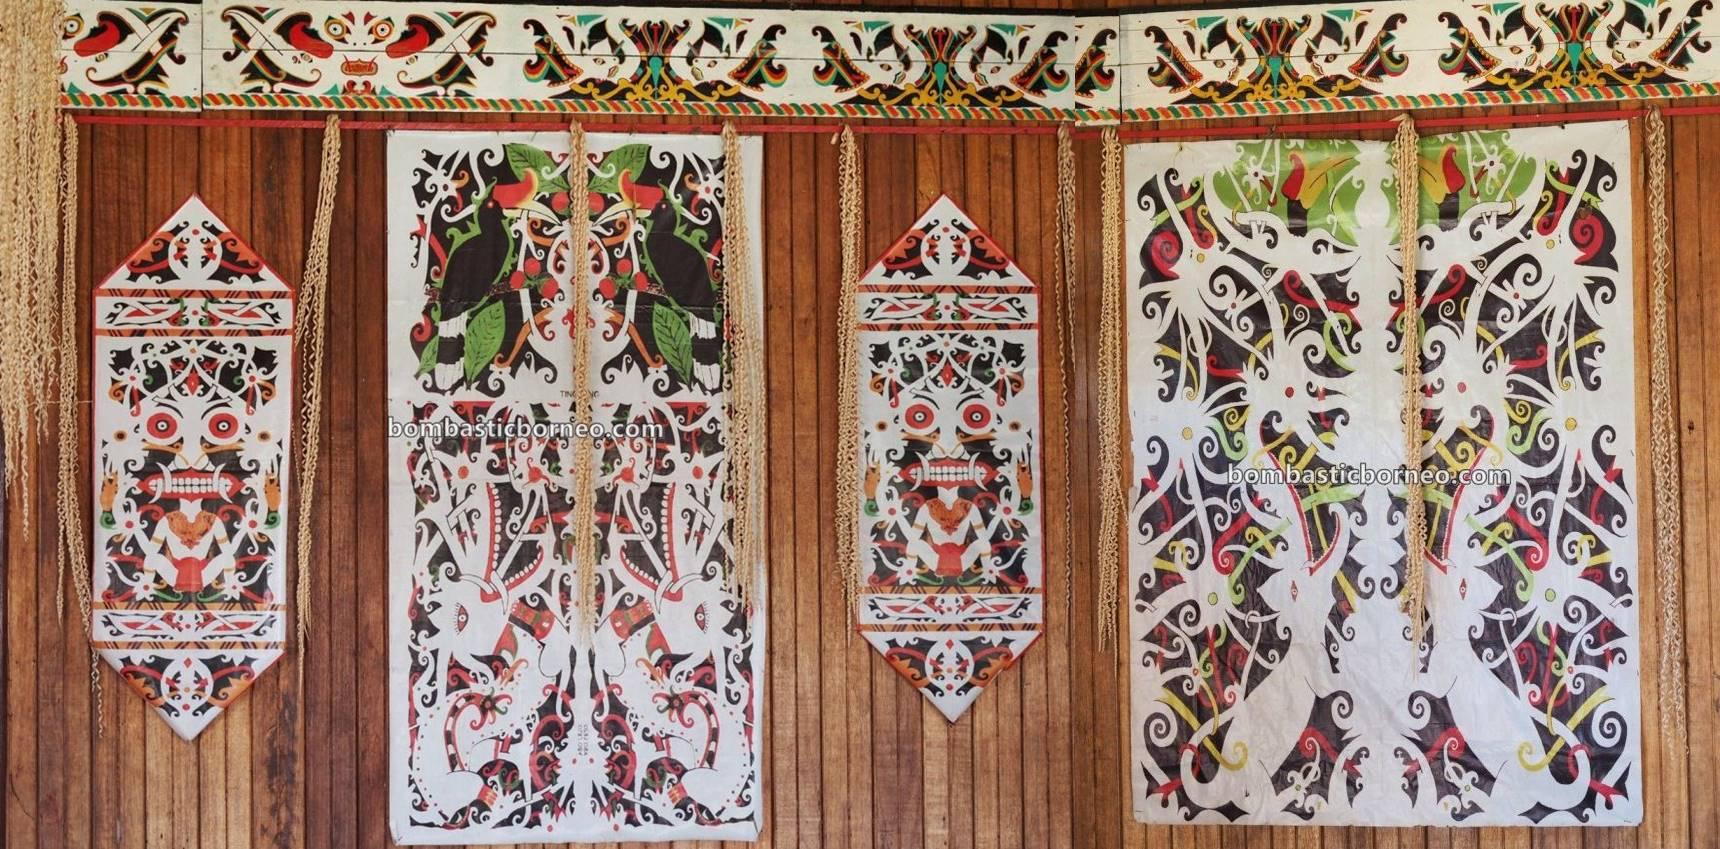 traditional, dayak motif, Borneo, Indonesia, Kalimantan Barat, Putussibau Utara, Mendalam Pagung, Desa Datah Diaan, native, Kayan, tribal, tribe, tourism, 探索婆罗洲游踪, 印尼西加里曼丹, 富都加央族部落